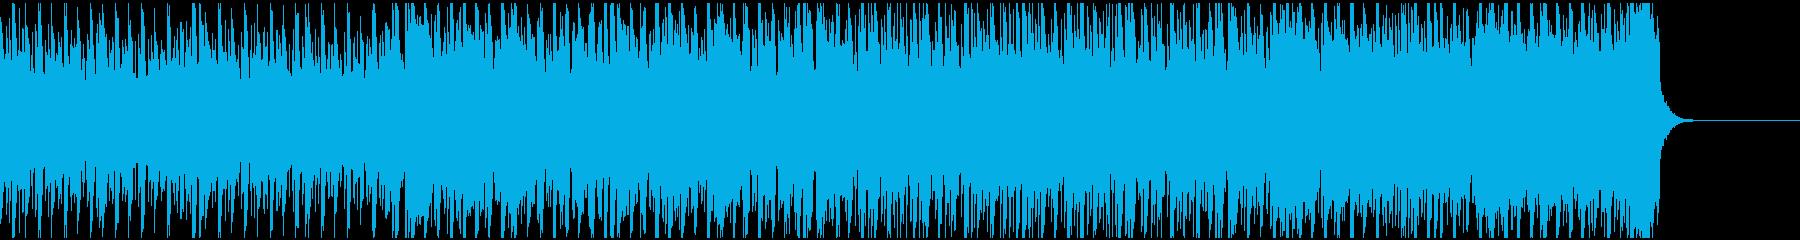 哀愁の雰囲気漂うディスコ調なEDMの再生済みの波形